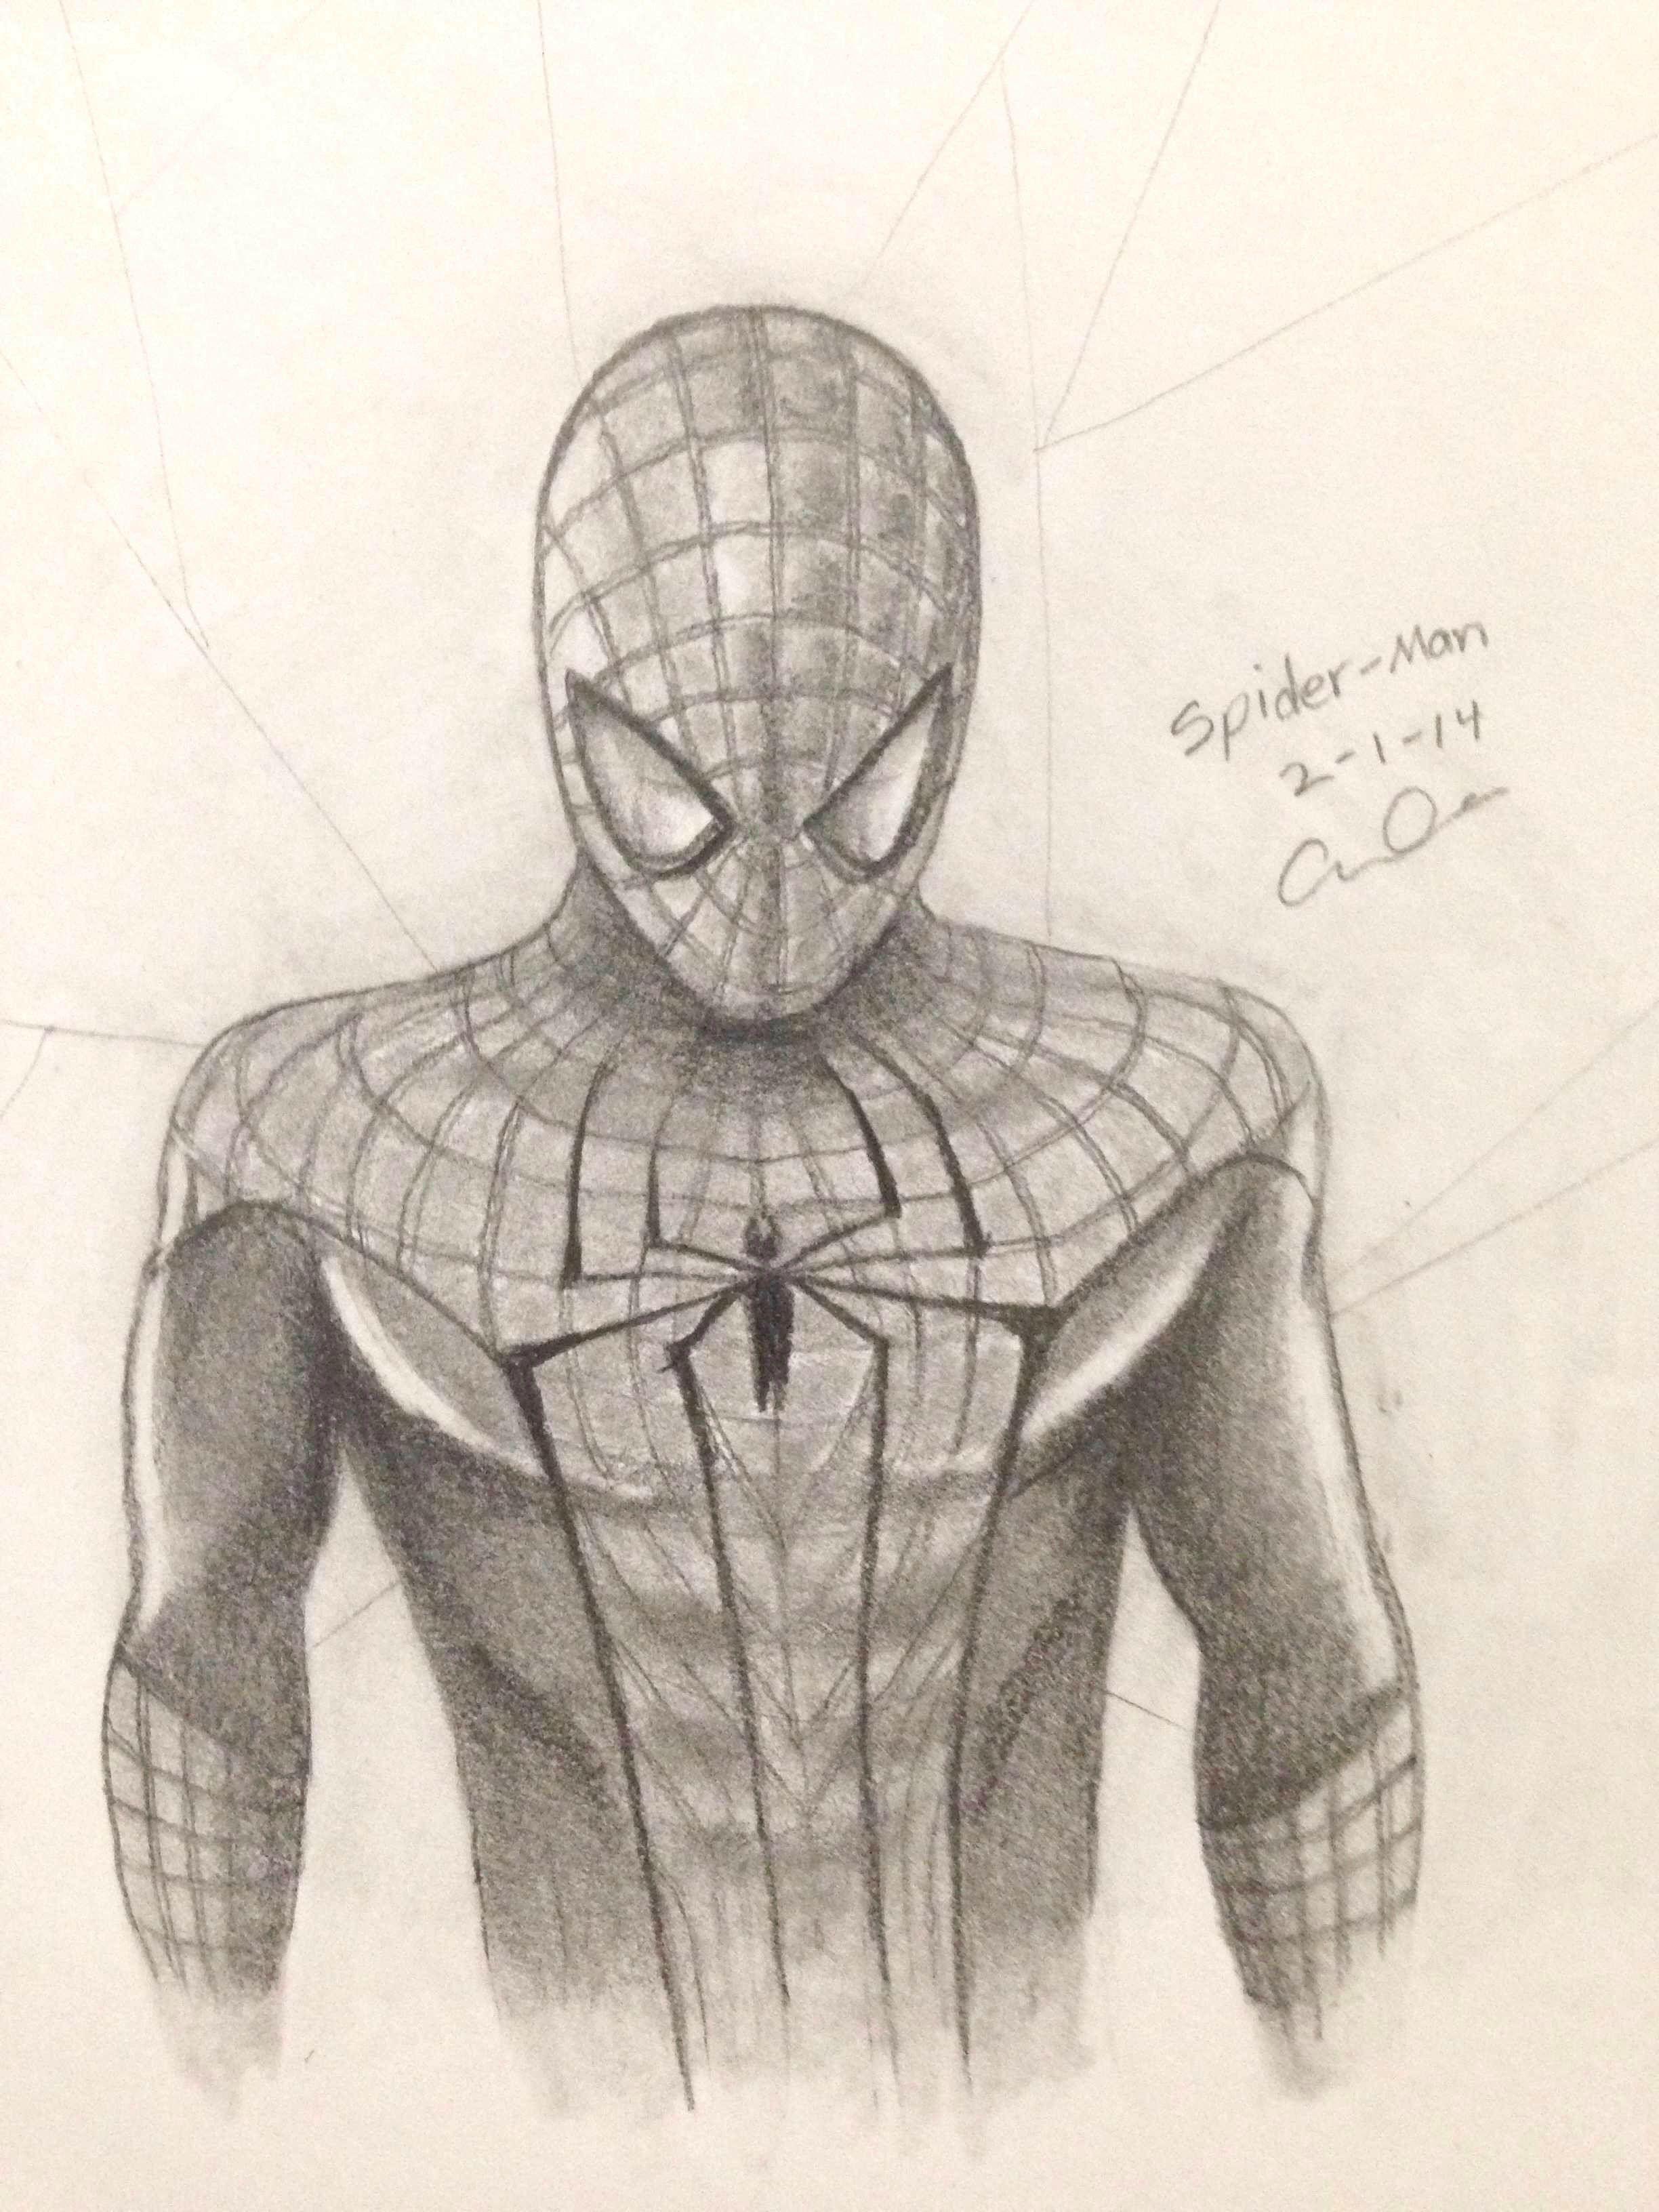 The Amazing Spider Man Spidey Spiderman Detchasketch çizim